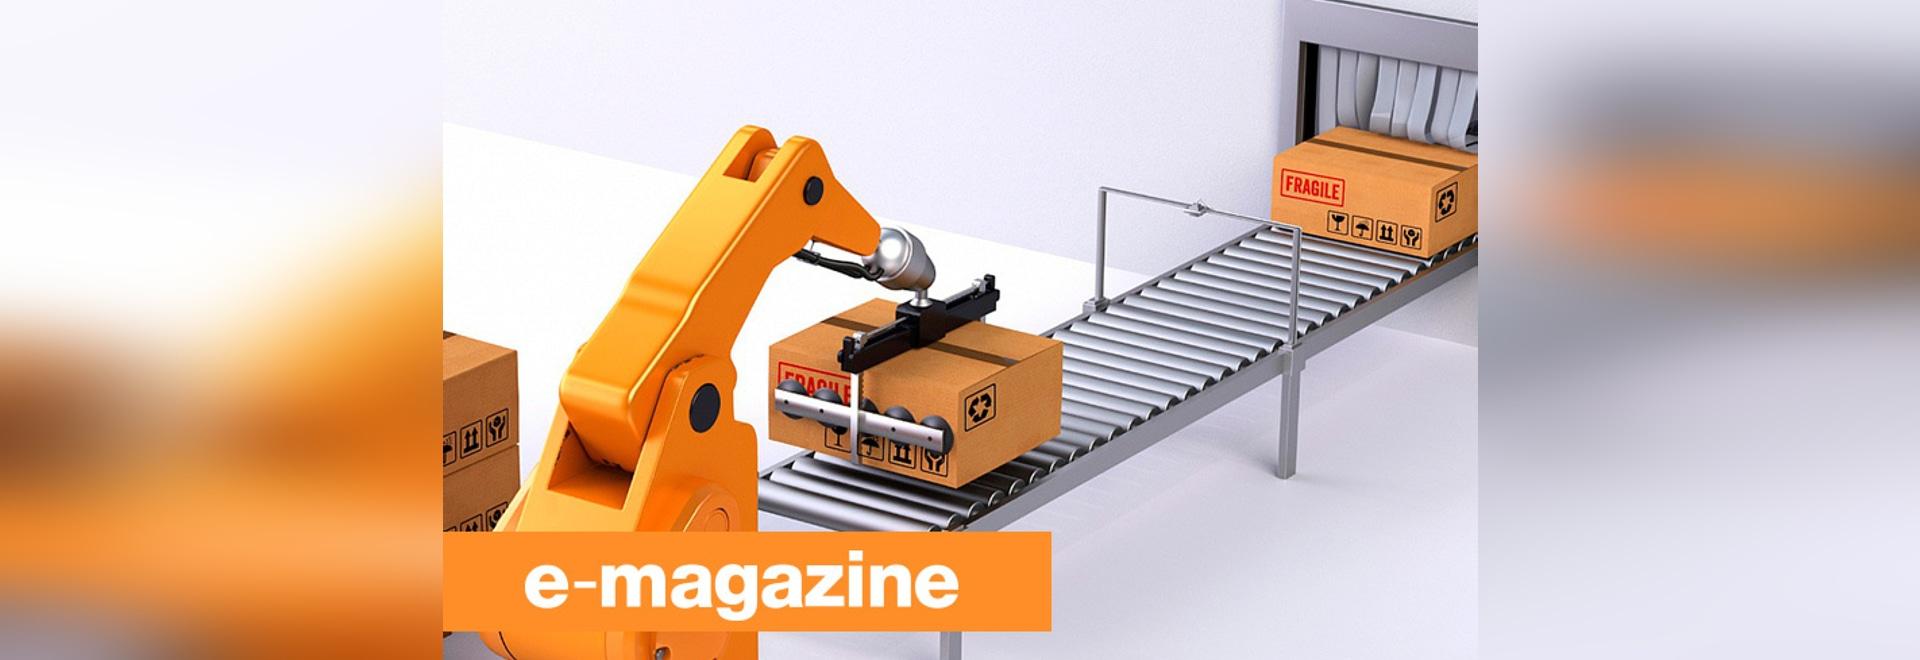 Facile da usare ed adattabile: I nuovi imballatori robot passano alle linee di produzione